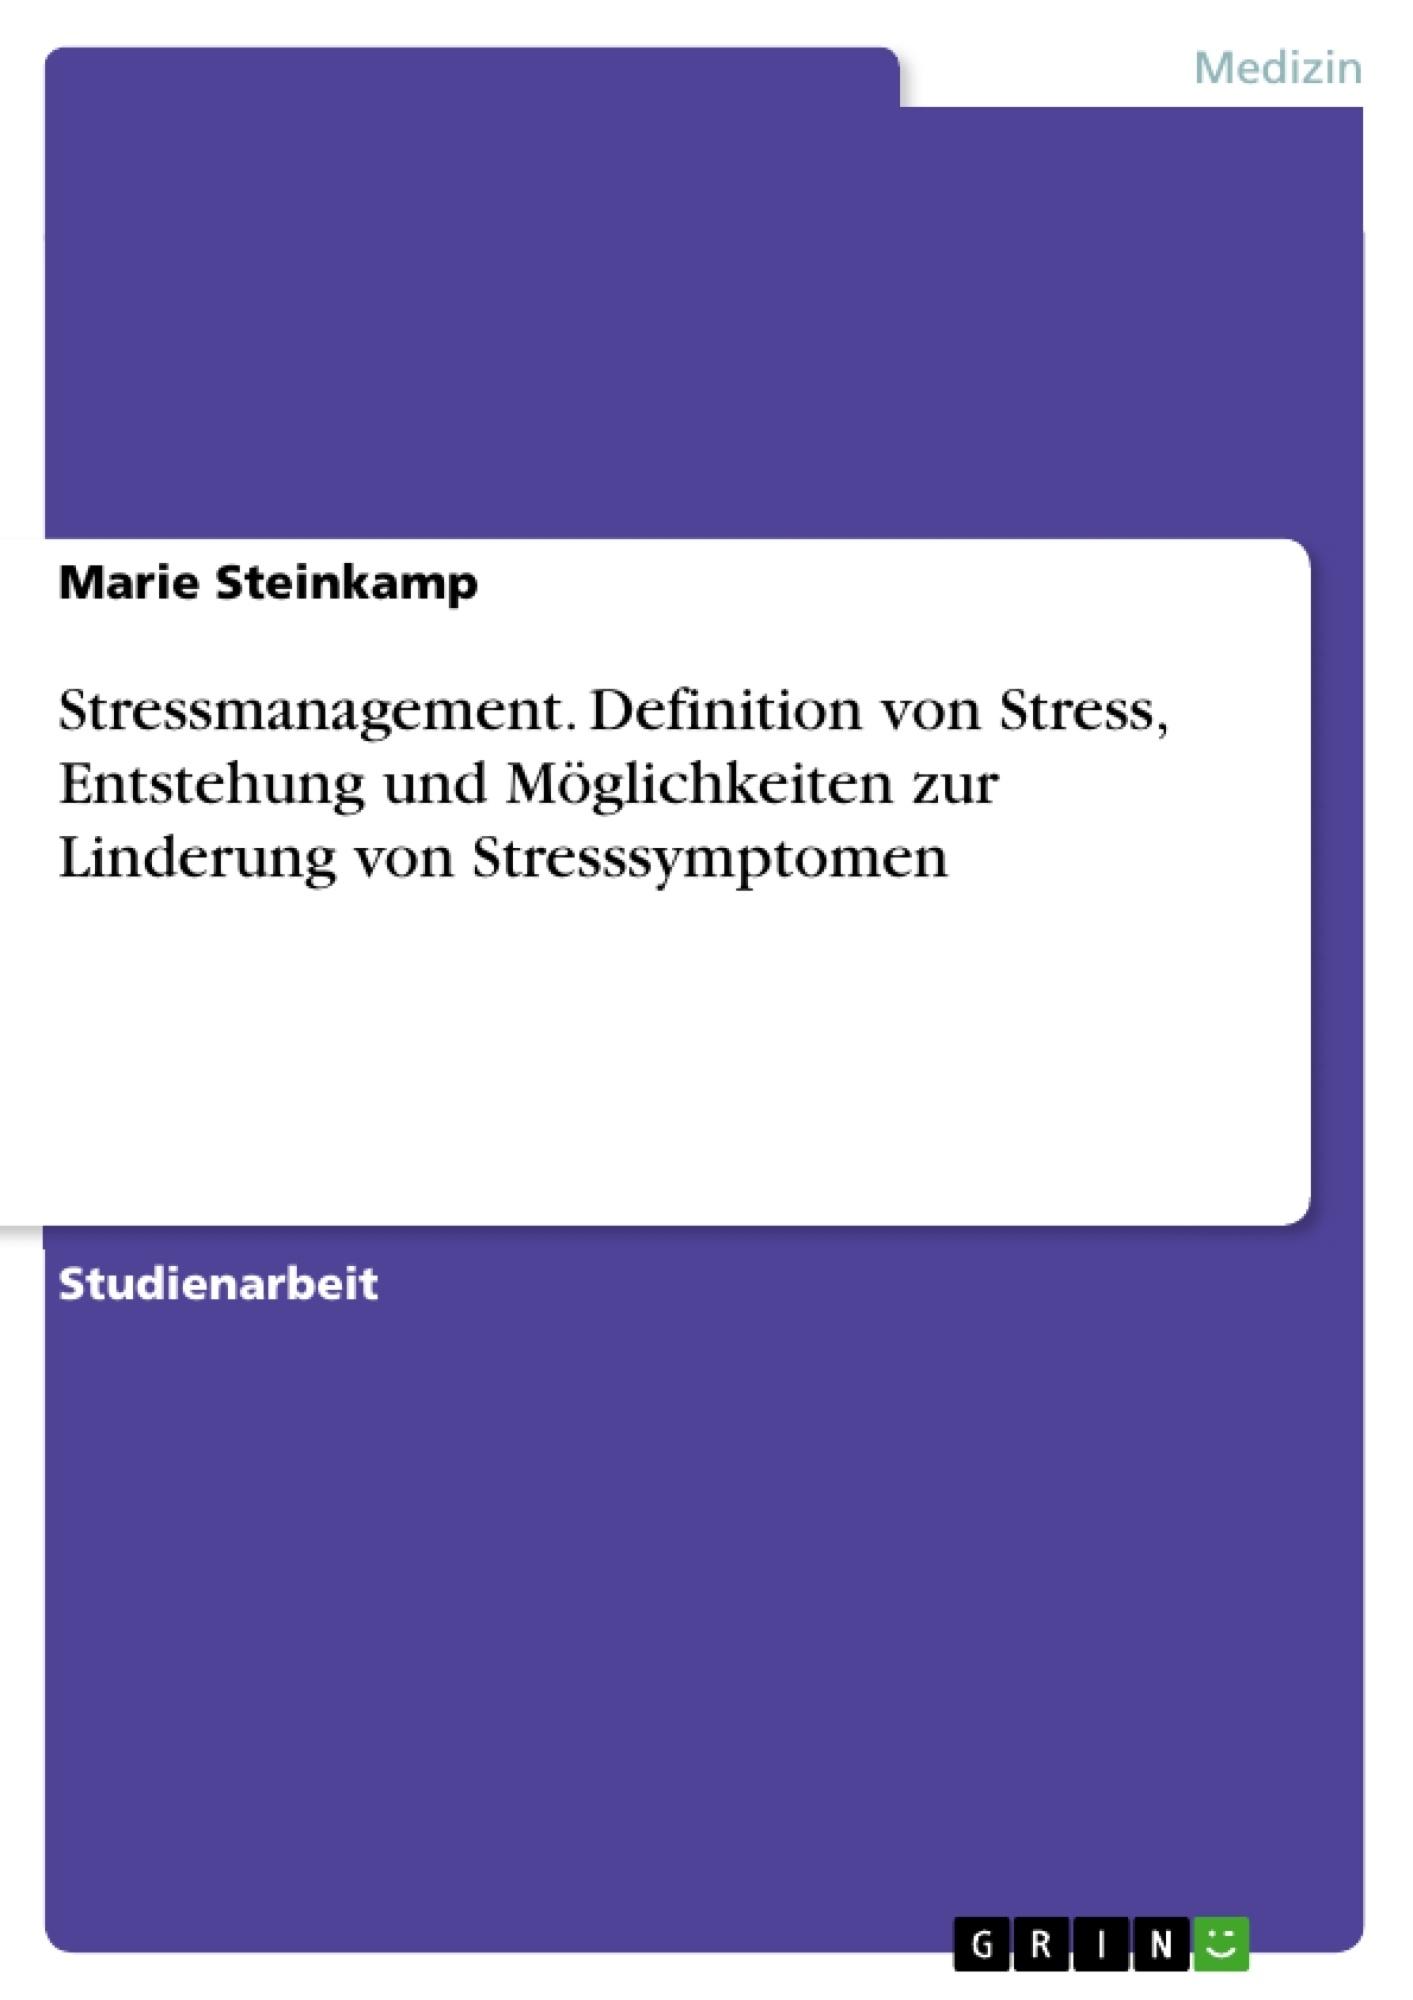 Titel: Stressmanagement. Definition von Stress, Entstehung und Möglichkeiten zur Linderung von Stresssymptomen